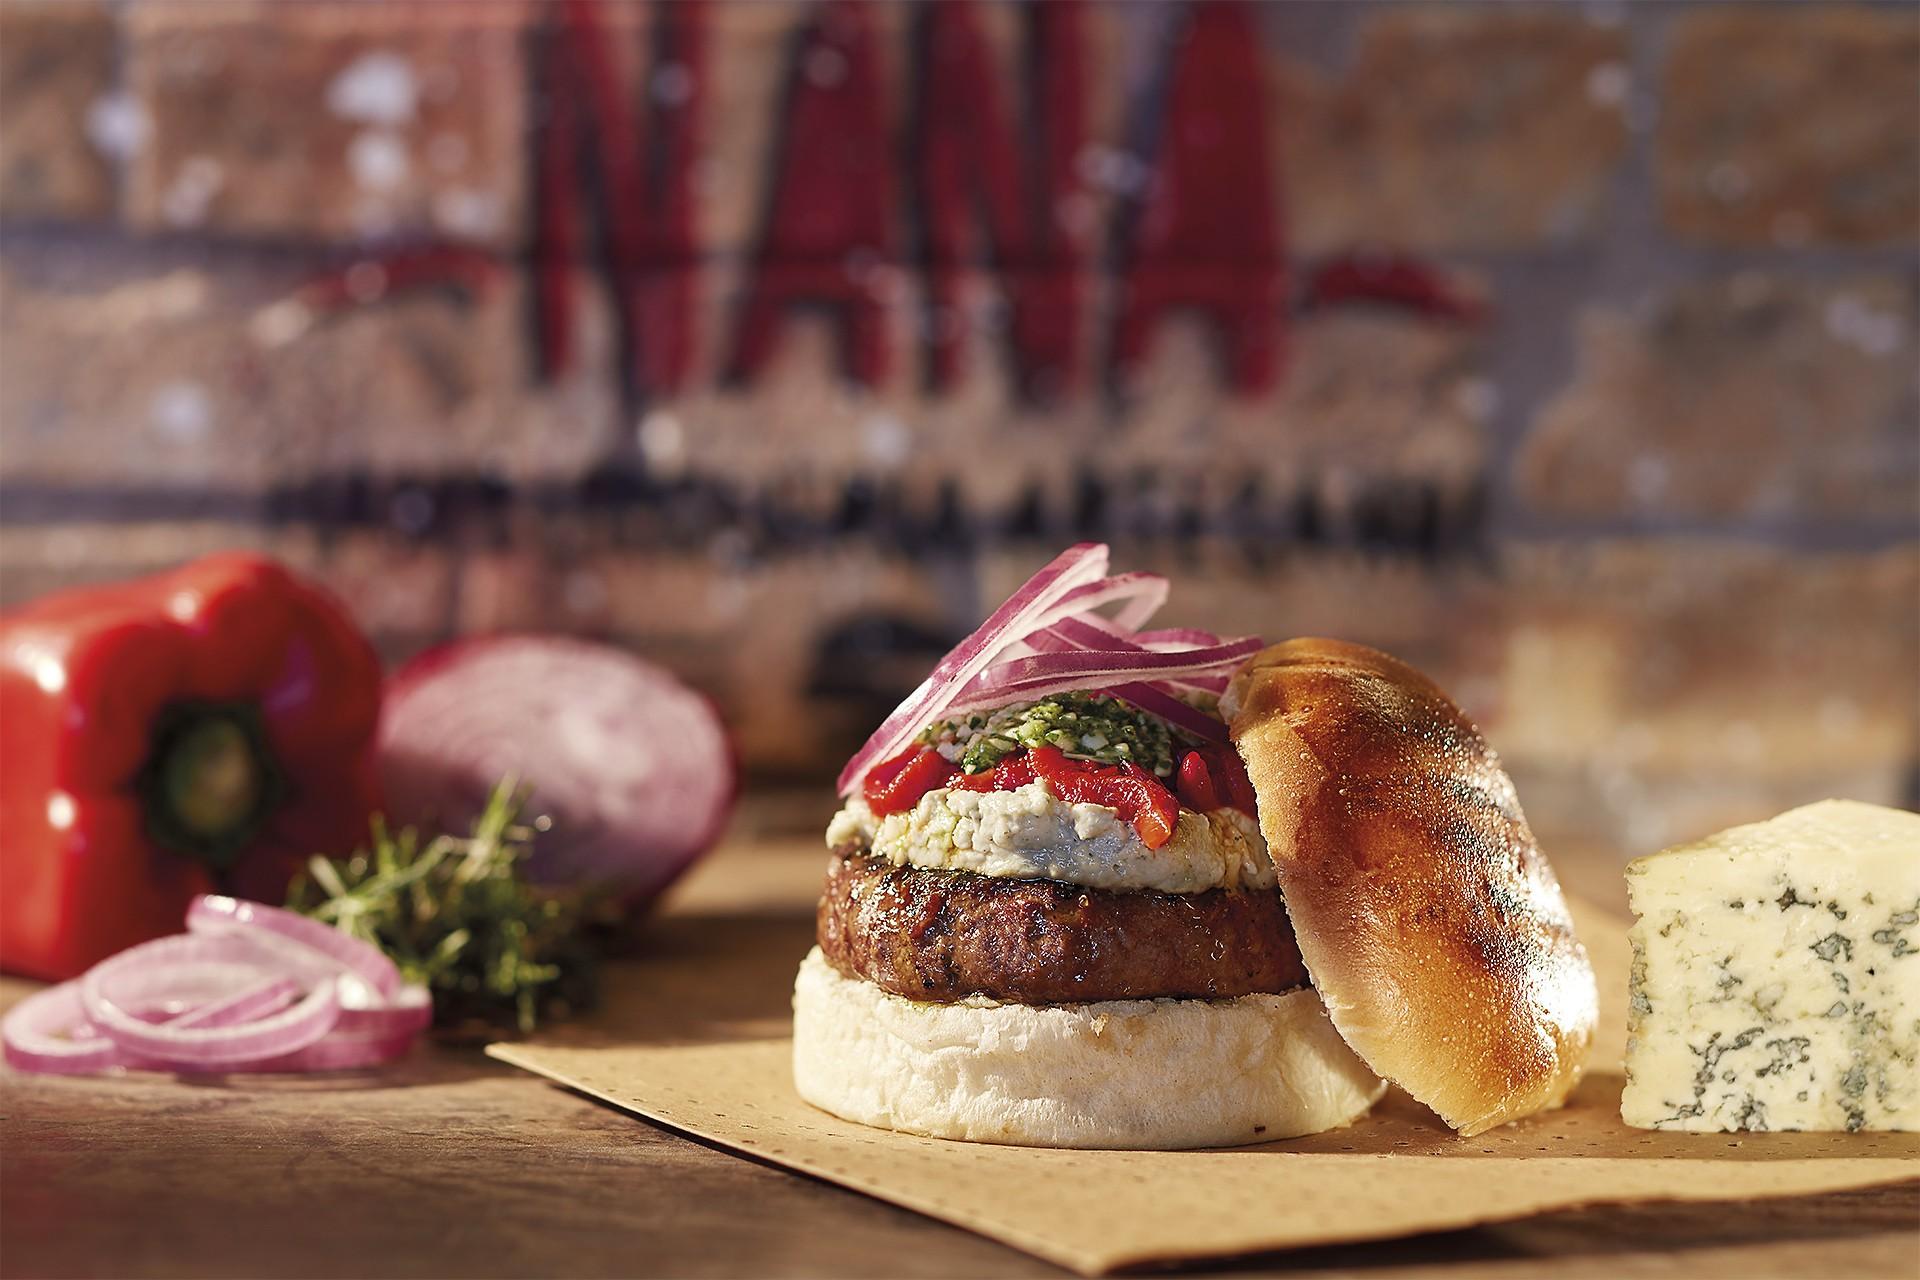 O hambúrguer com creme de gorgonzola, pimentão e pesto de rúcula da chef Nana Oliveira (Foto: Divulgação)